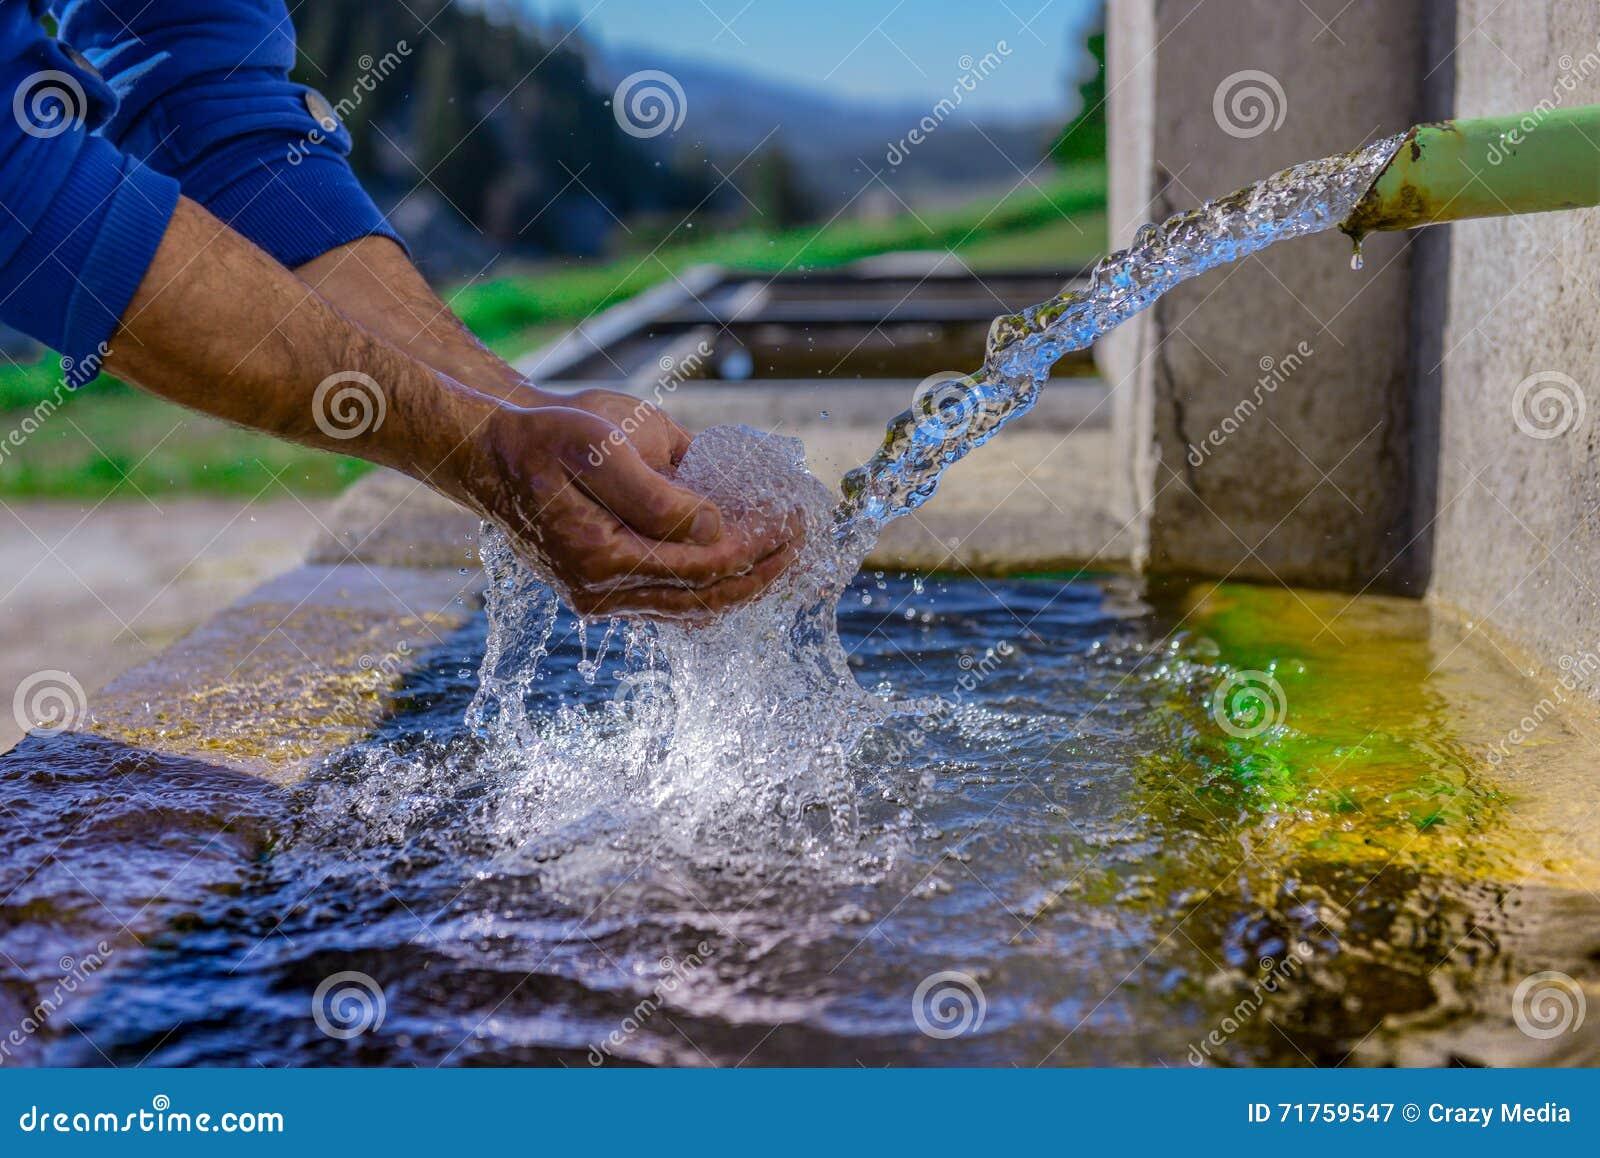 Den första källan är rent och rent drickbart vatten